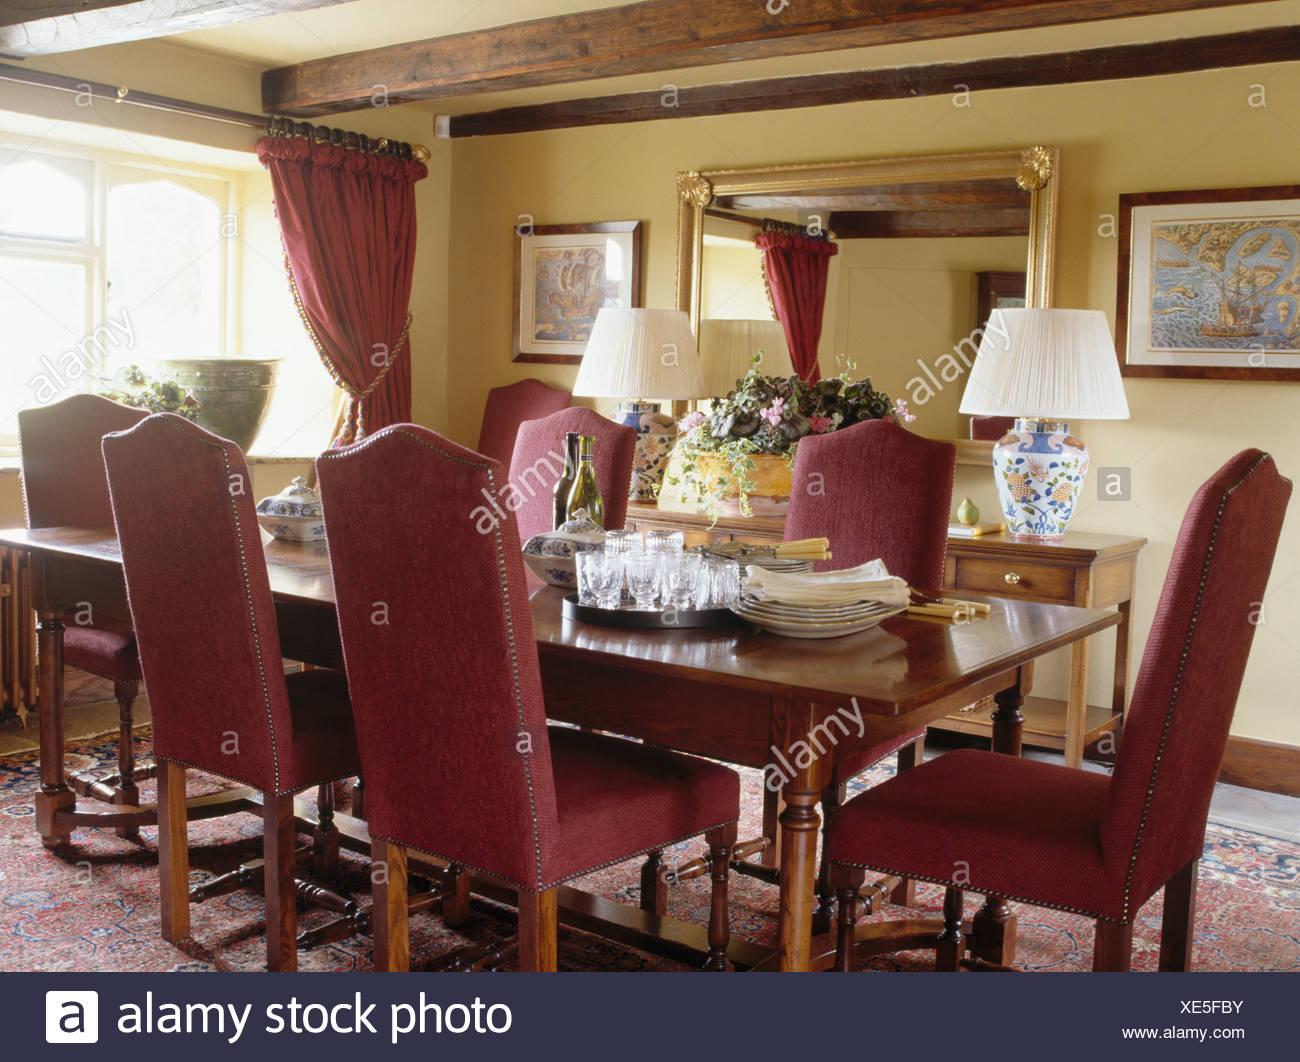 Sillas tapizadas de color rojo y roble antiguo en la cabaña ...